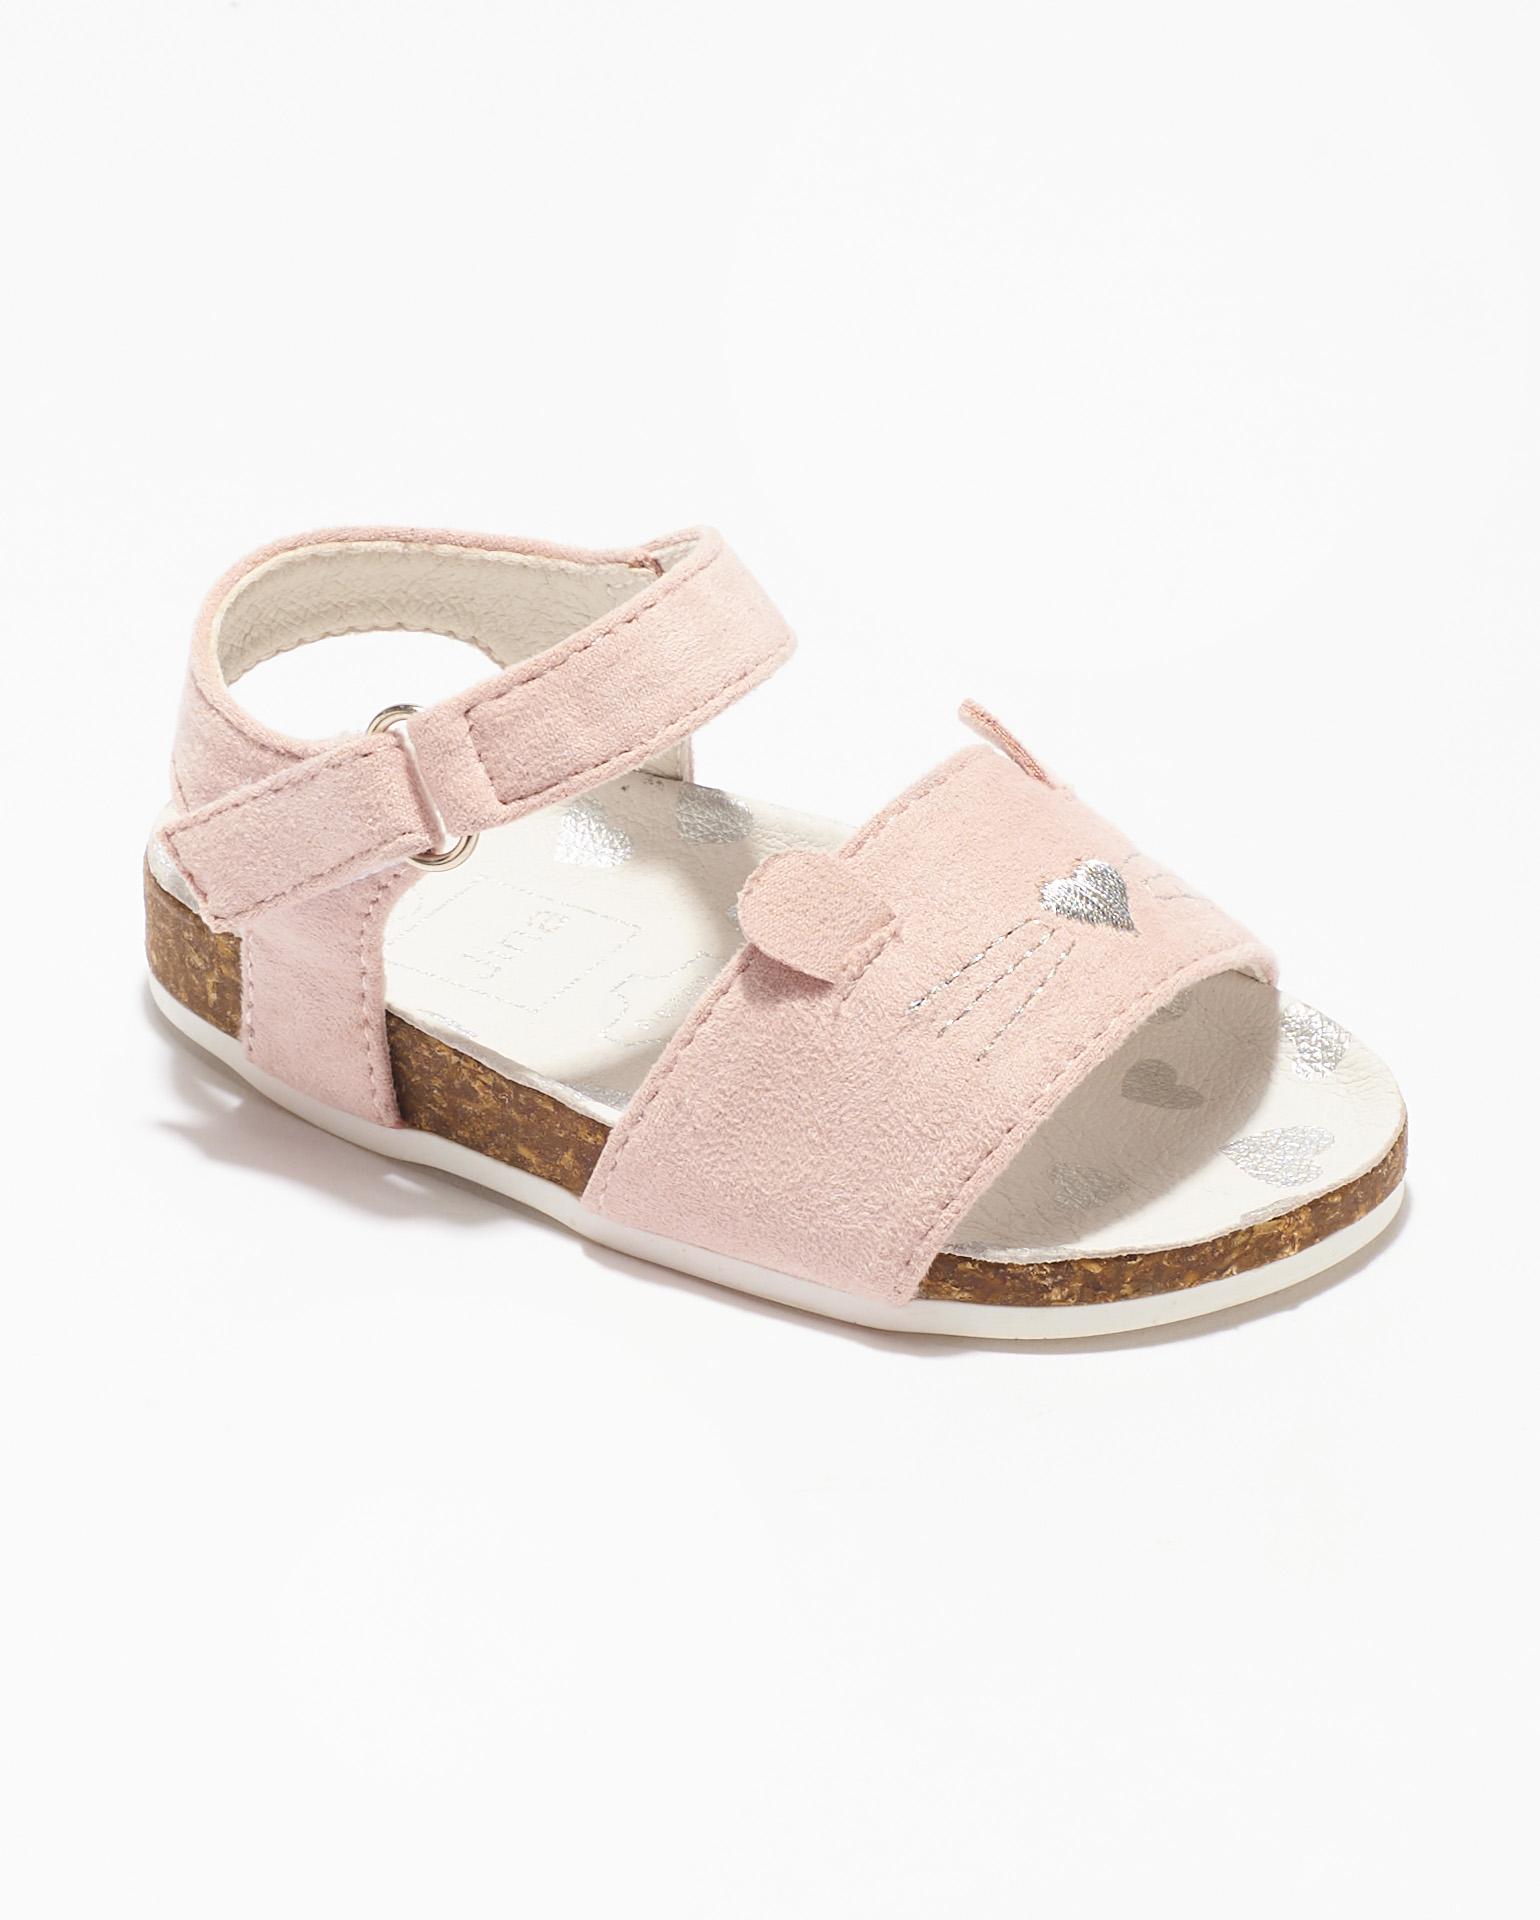 Sandales Bébé Fille - Sandale Ouverte Parme Jina - Ydxls029-Jn2